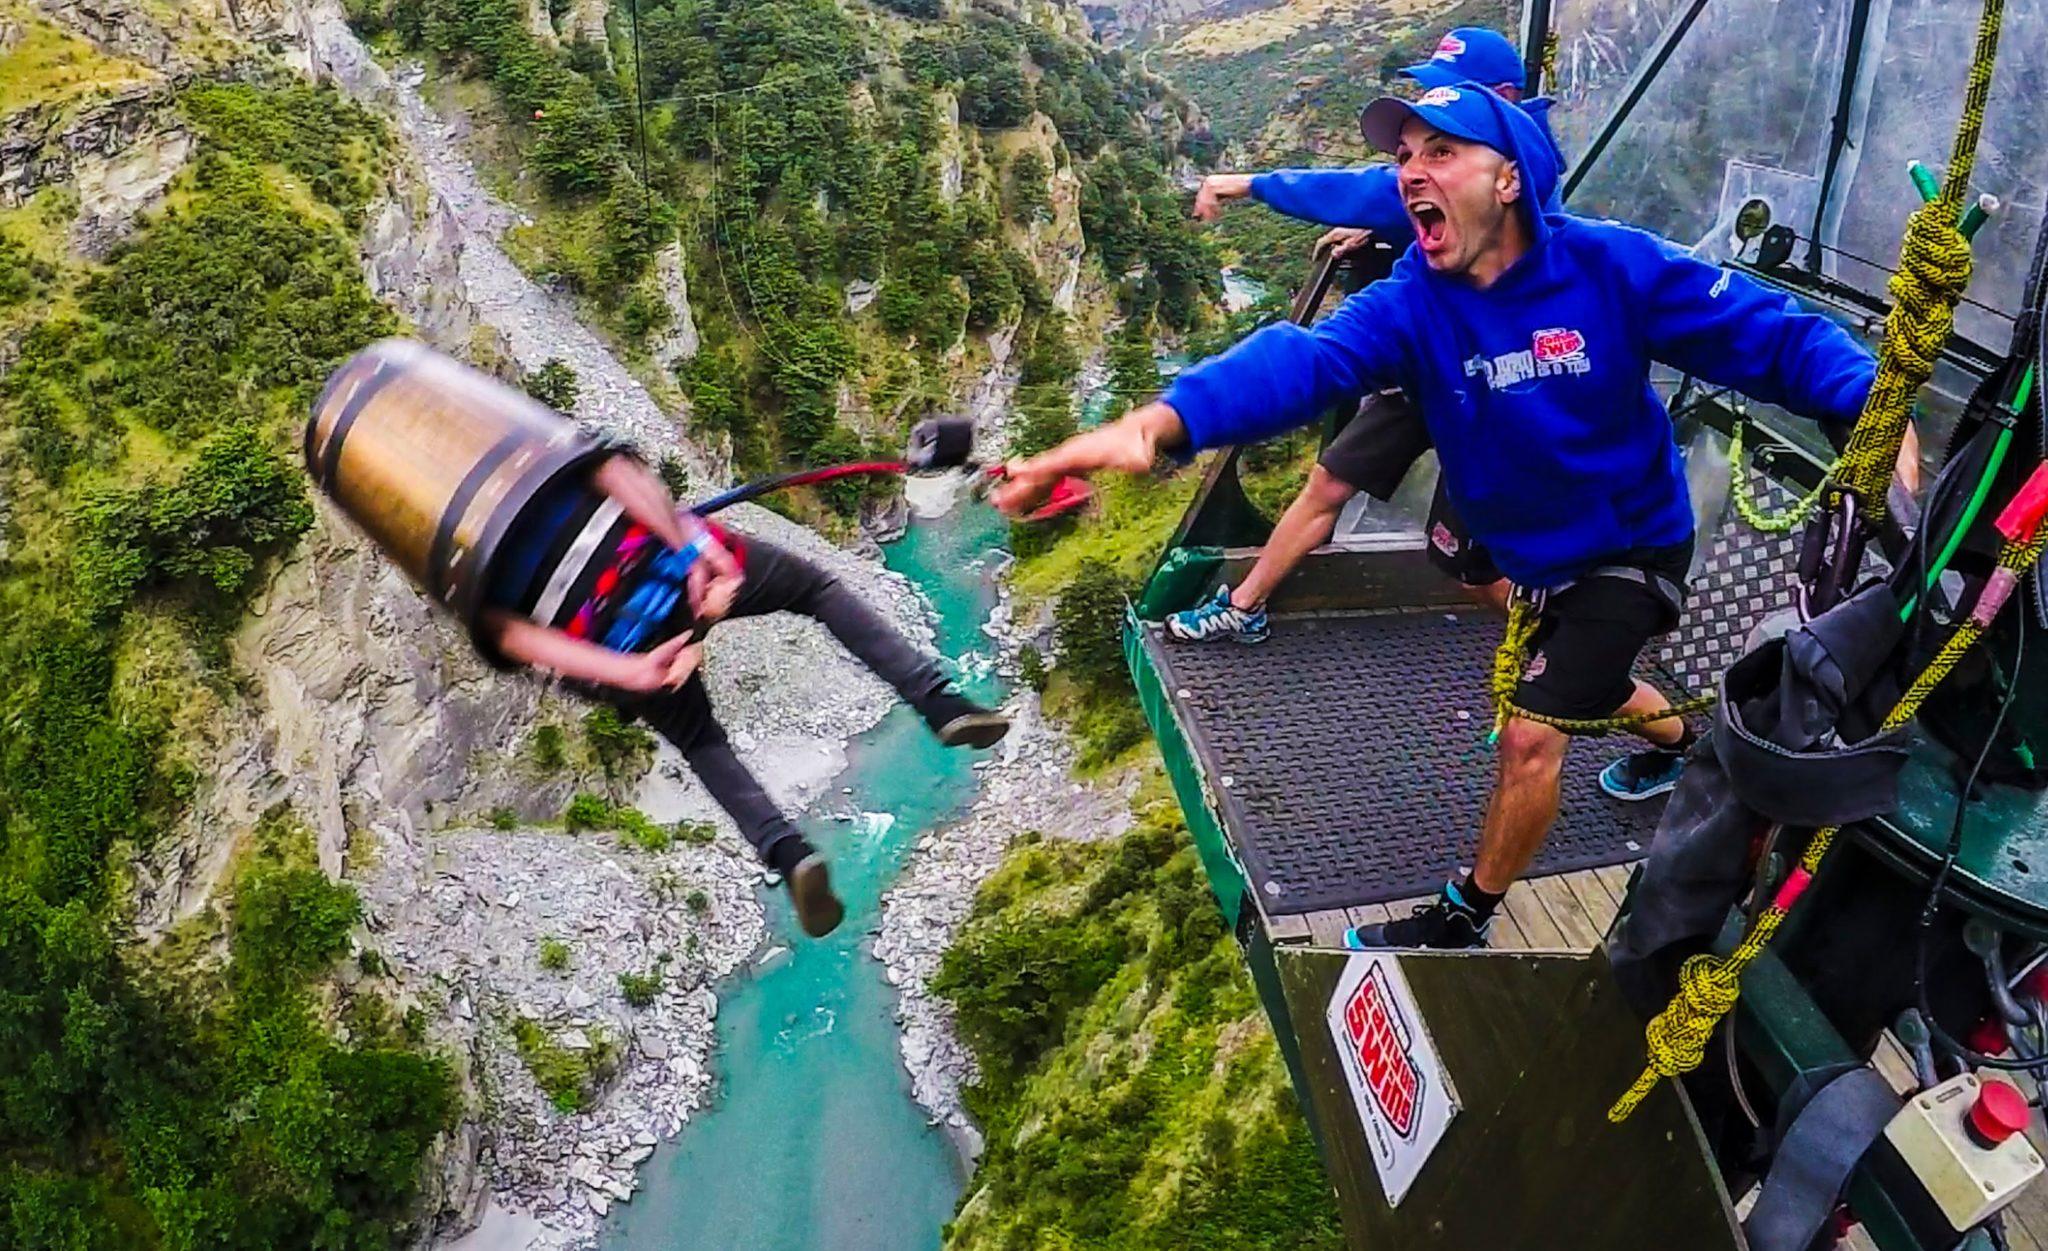 Bungee Jumping New Zealand Queenstown